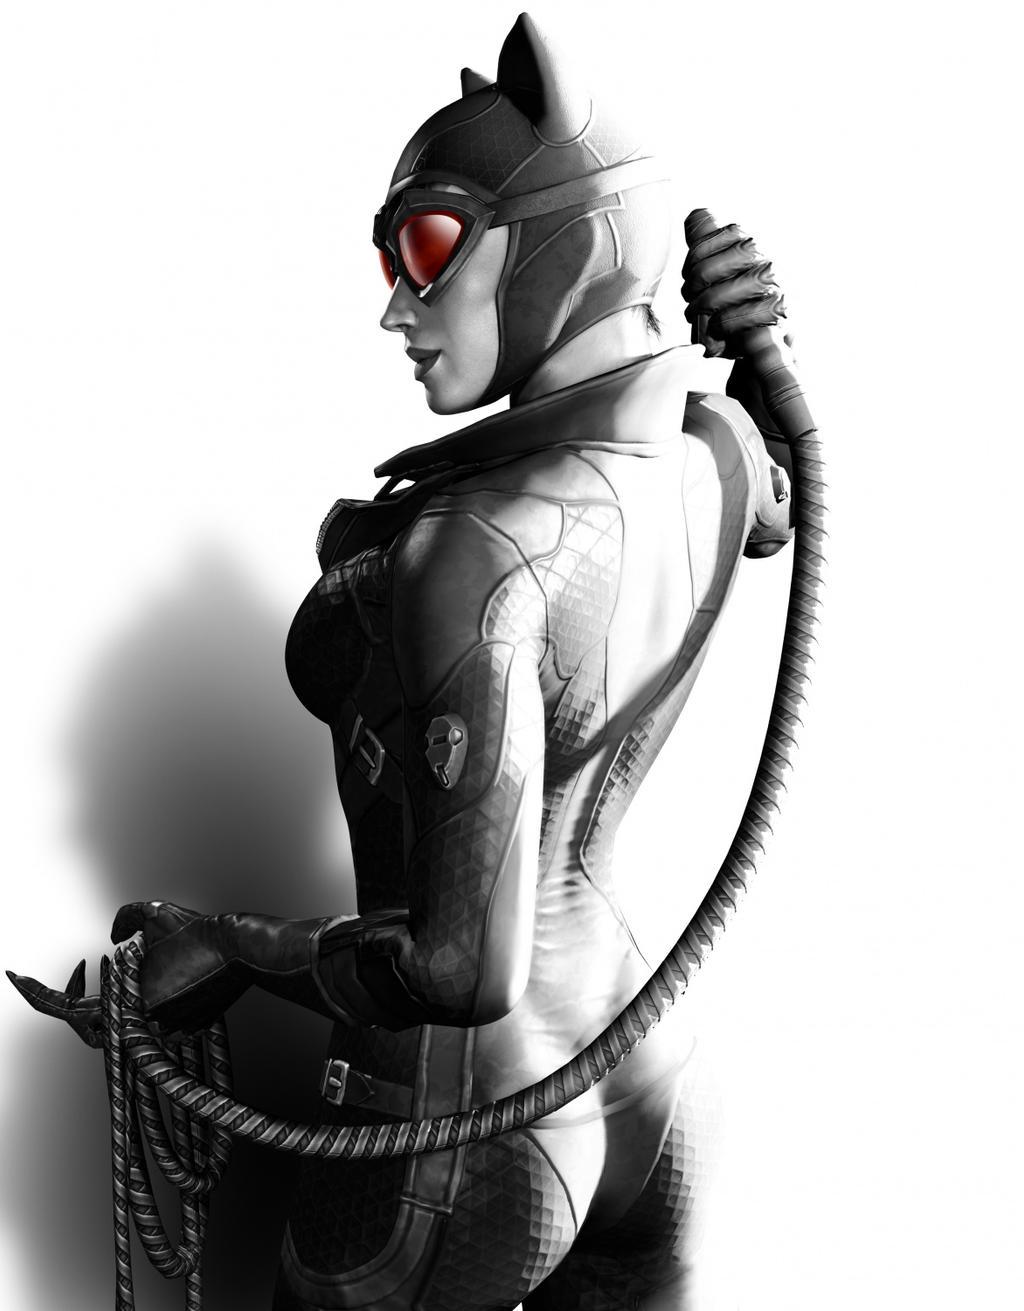 ArkhamCityRenderCatwoman2 by Animefan5051042